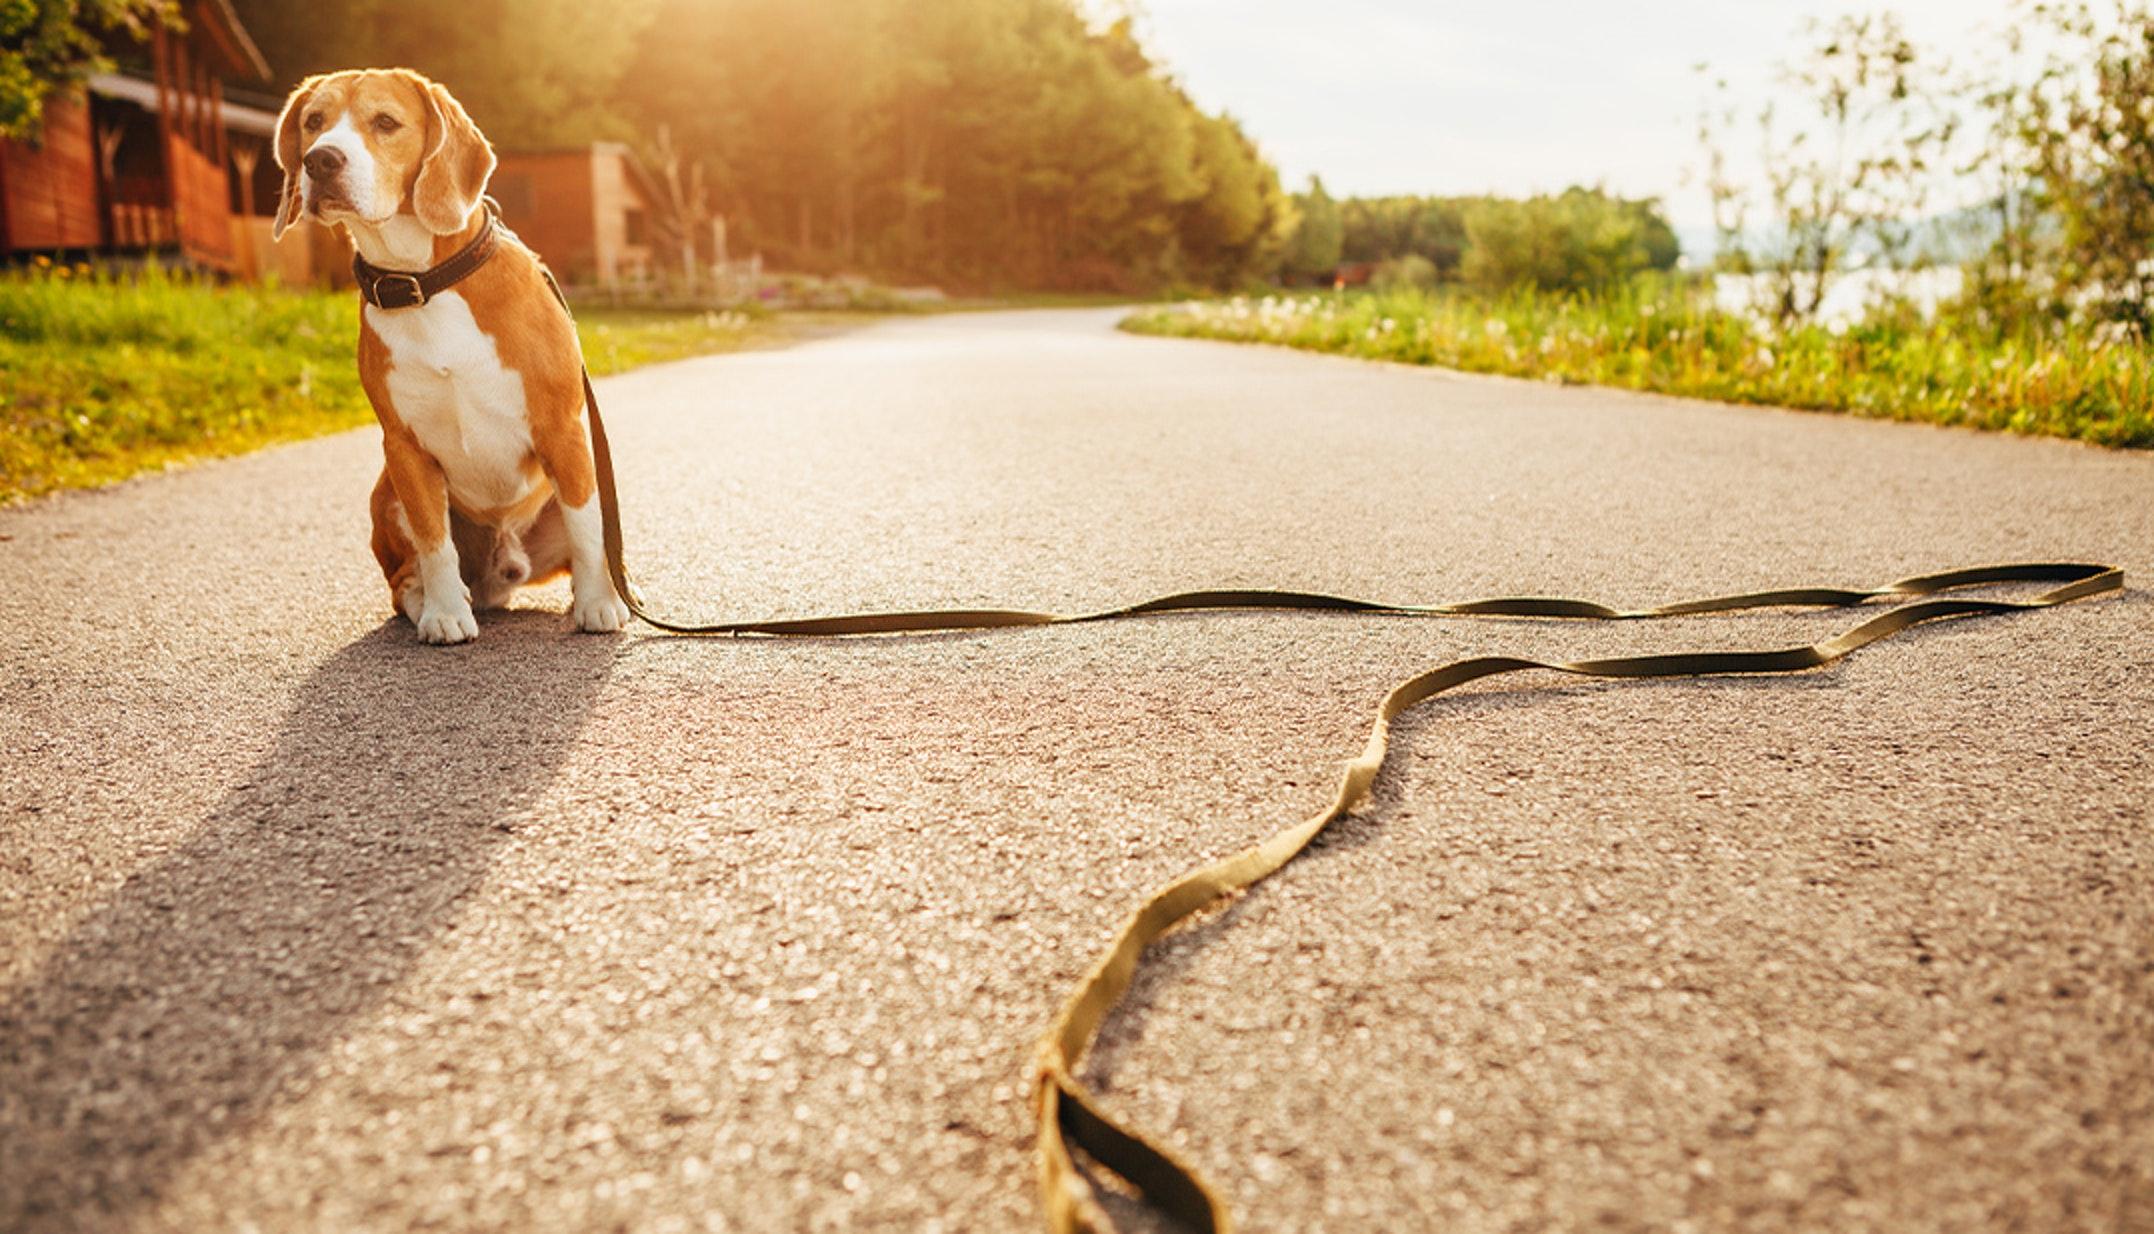 Hai mai perso il tuo cane? O hai pensato di averlo perso? Evita l'ansia di perderlo. Non perdere mai il tuo cane con il 20% di sconto su Tractive.